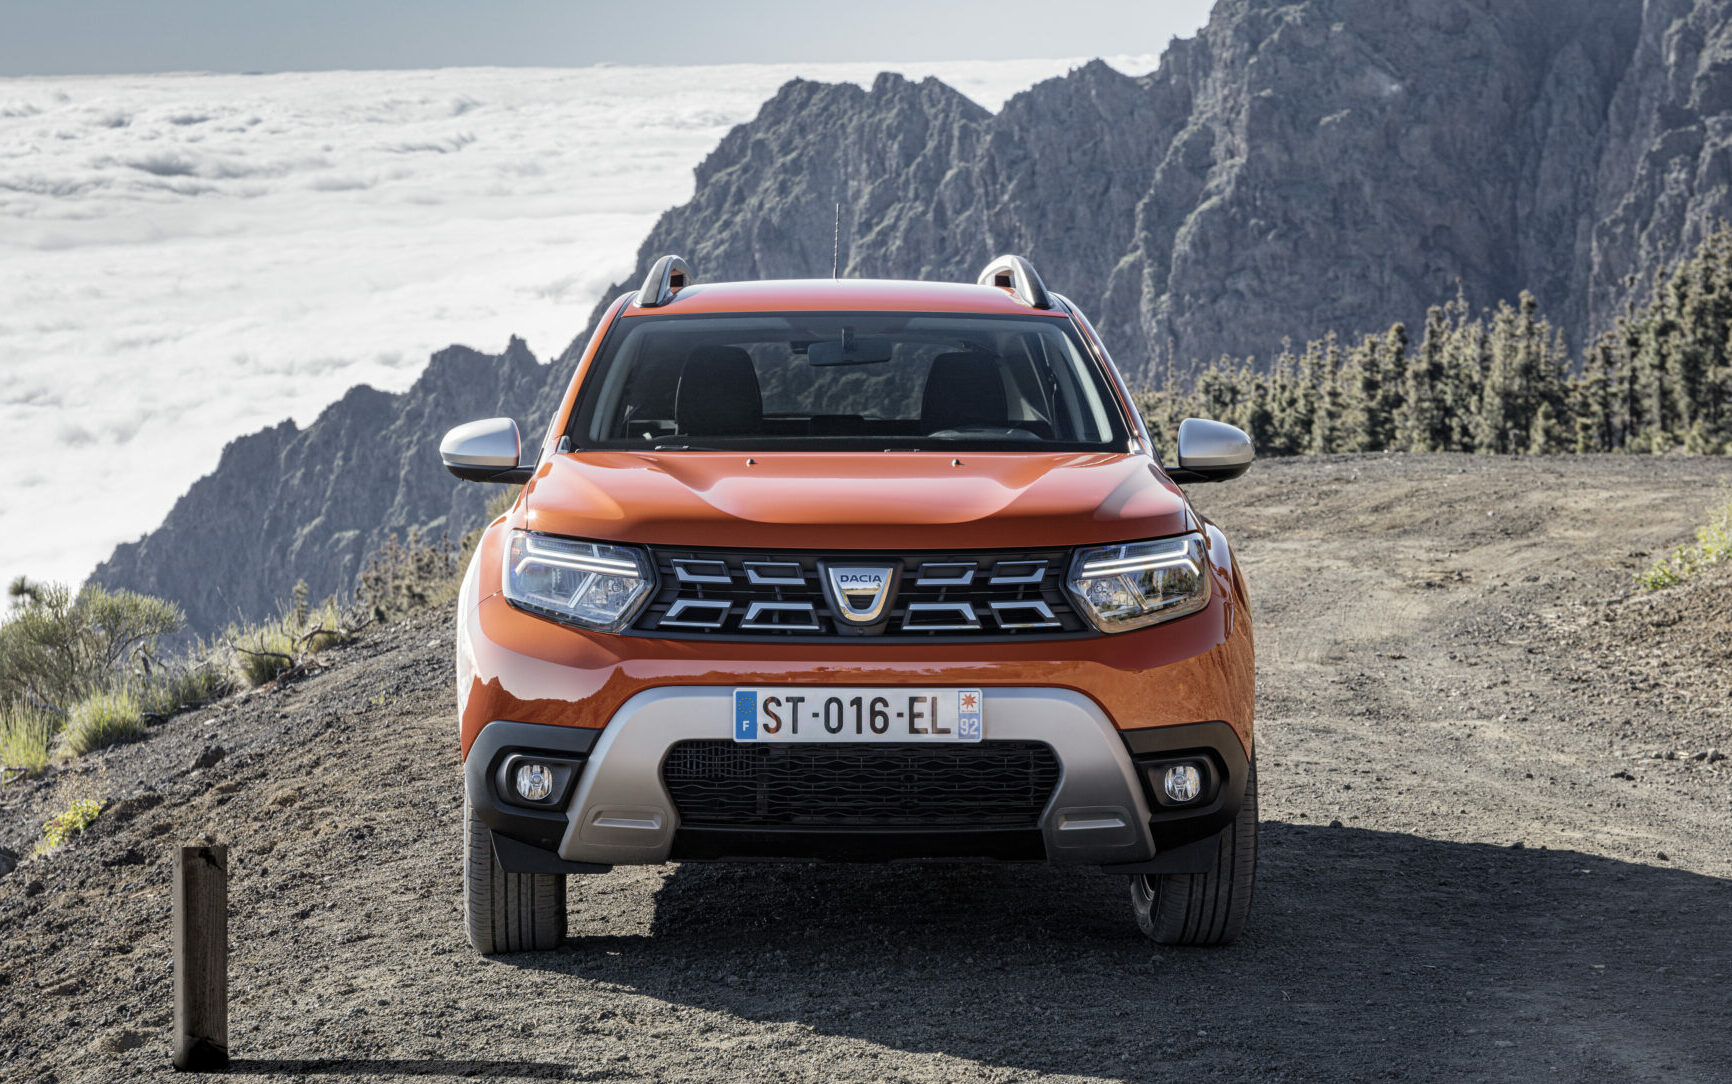 El nuevo Dacia Duster desembarca en España con ligeros retoques estéticos, más tecnología y una gama mecánica actualizada